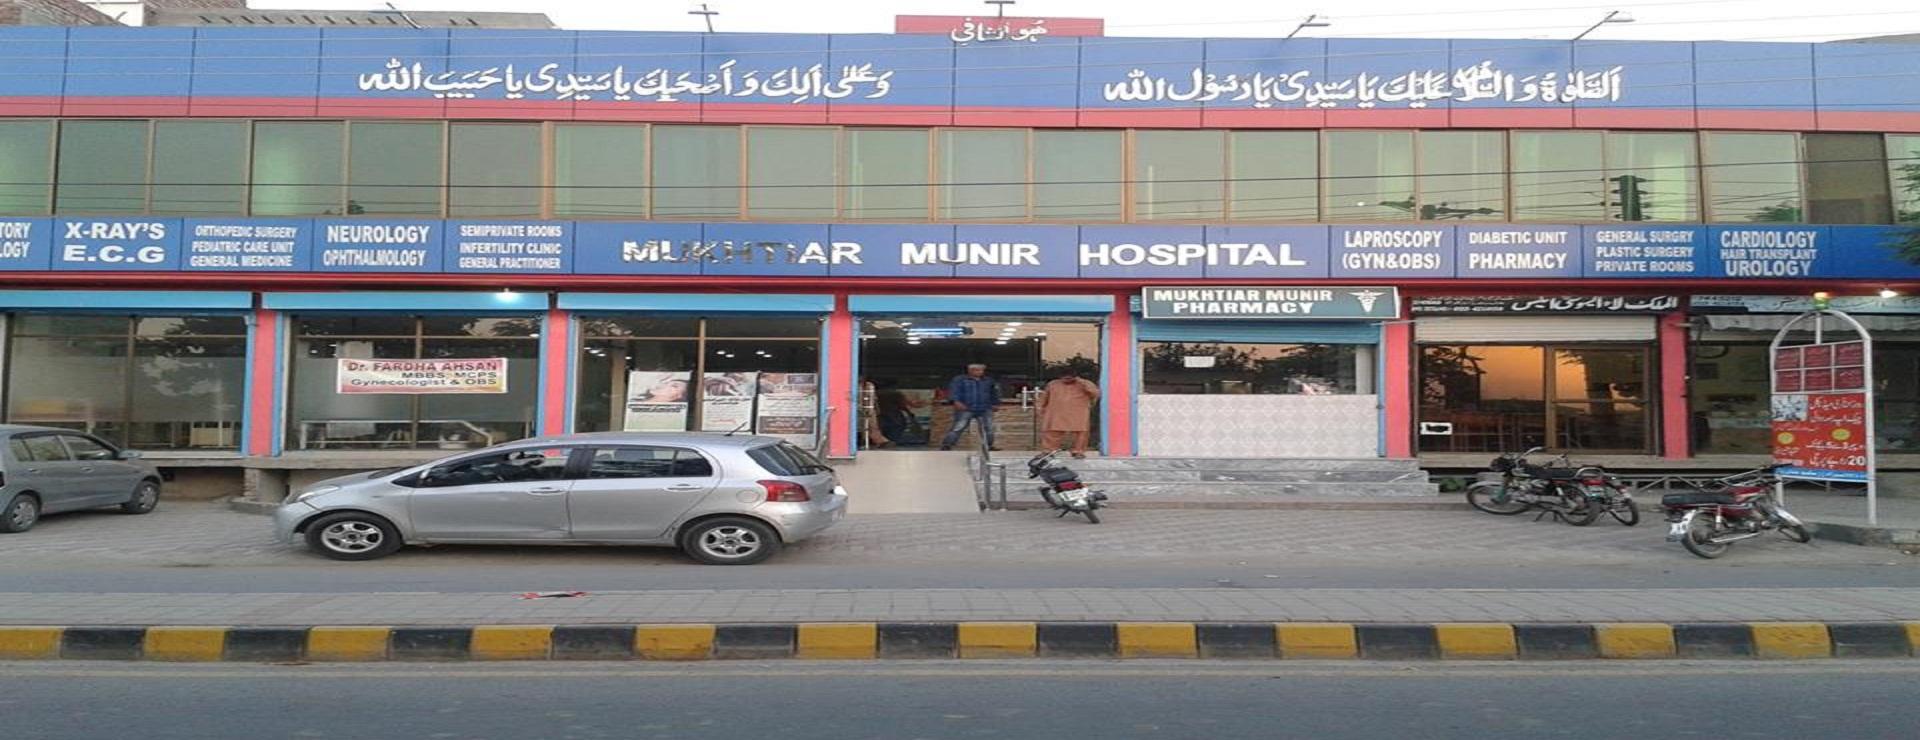 Mukhtiar munir front